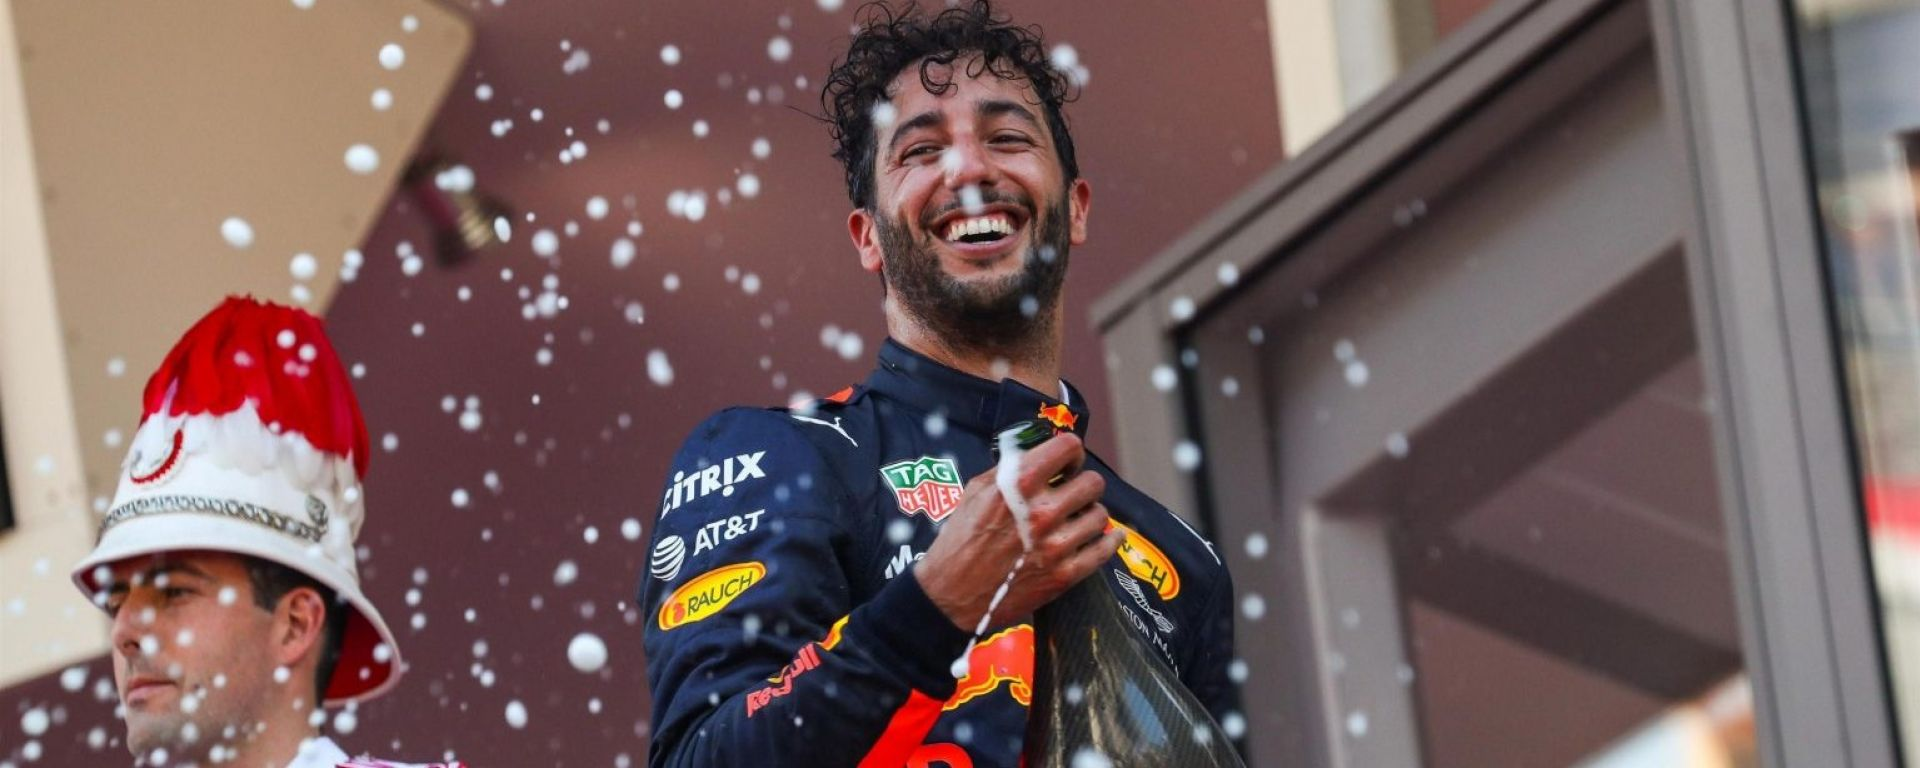 Ricciardo - F1, Gran Premio di Monaco 2017